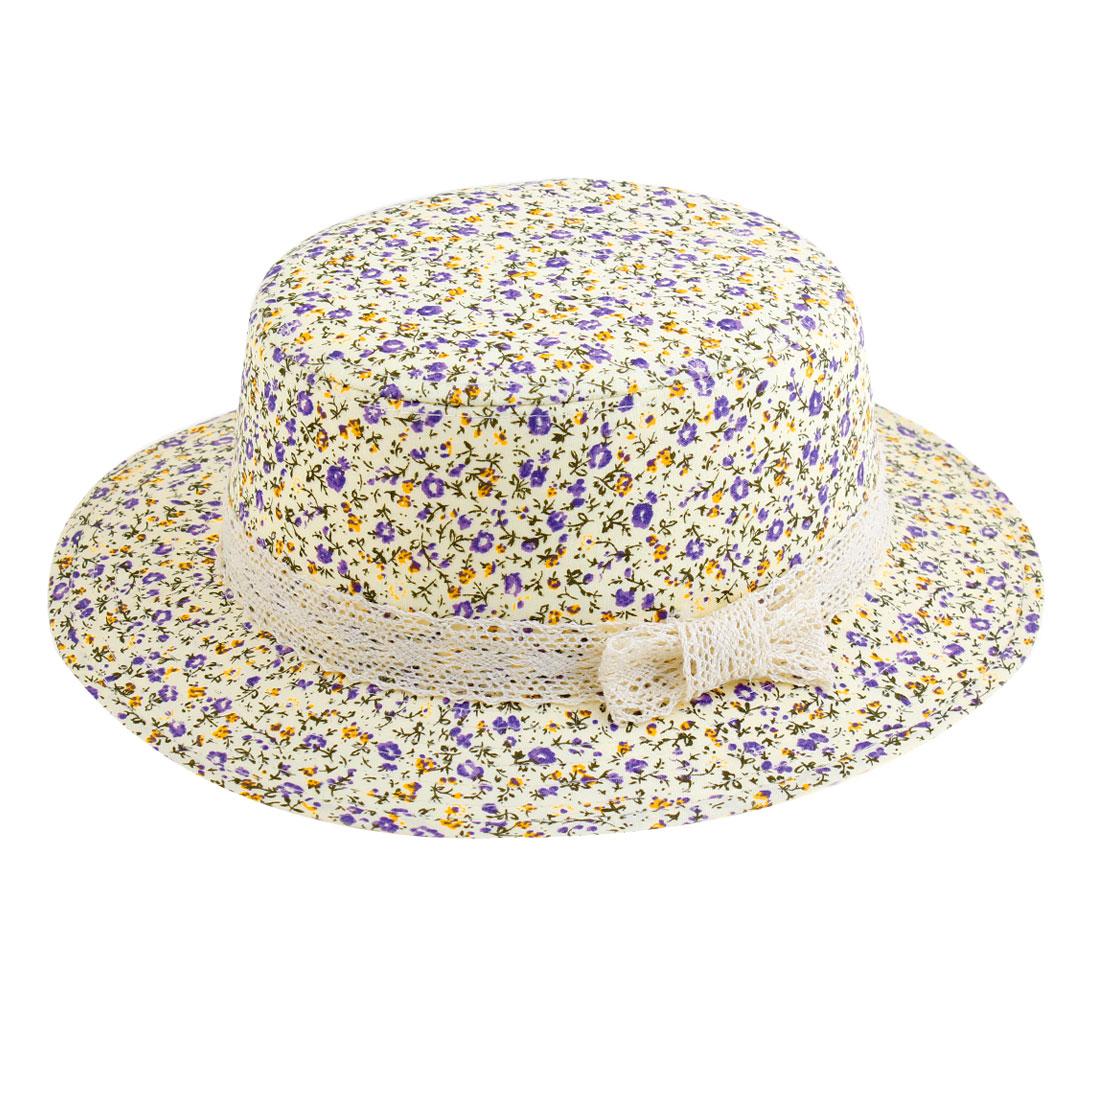 Flower Pattern Flat Top Light Purple Beige Hat for Ladies